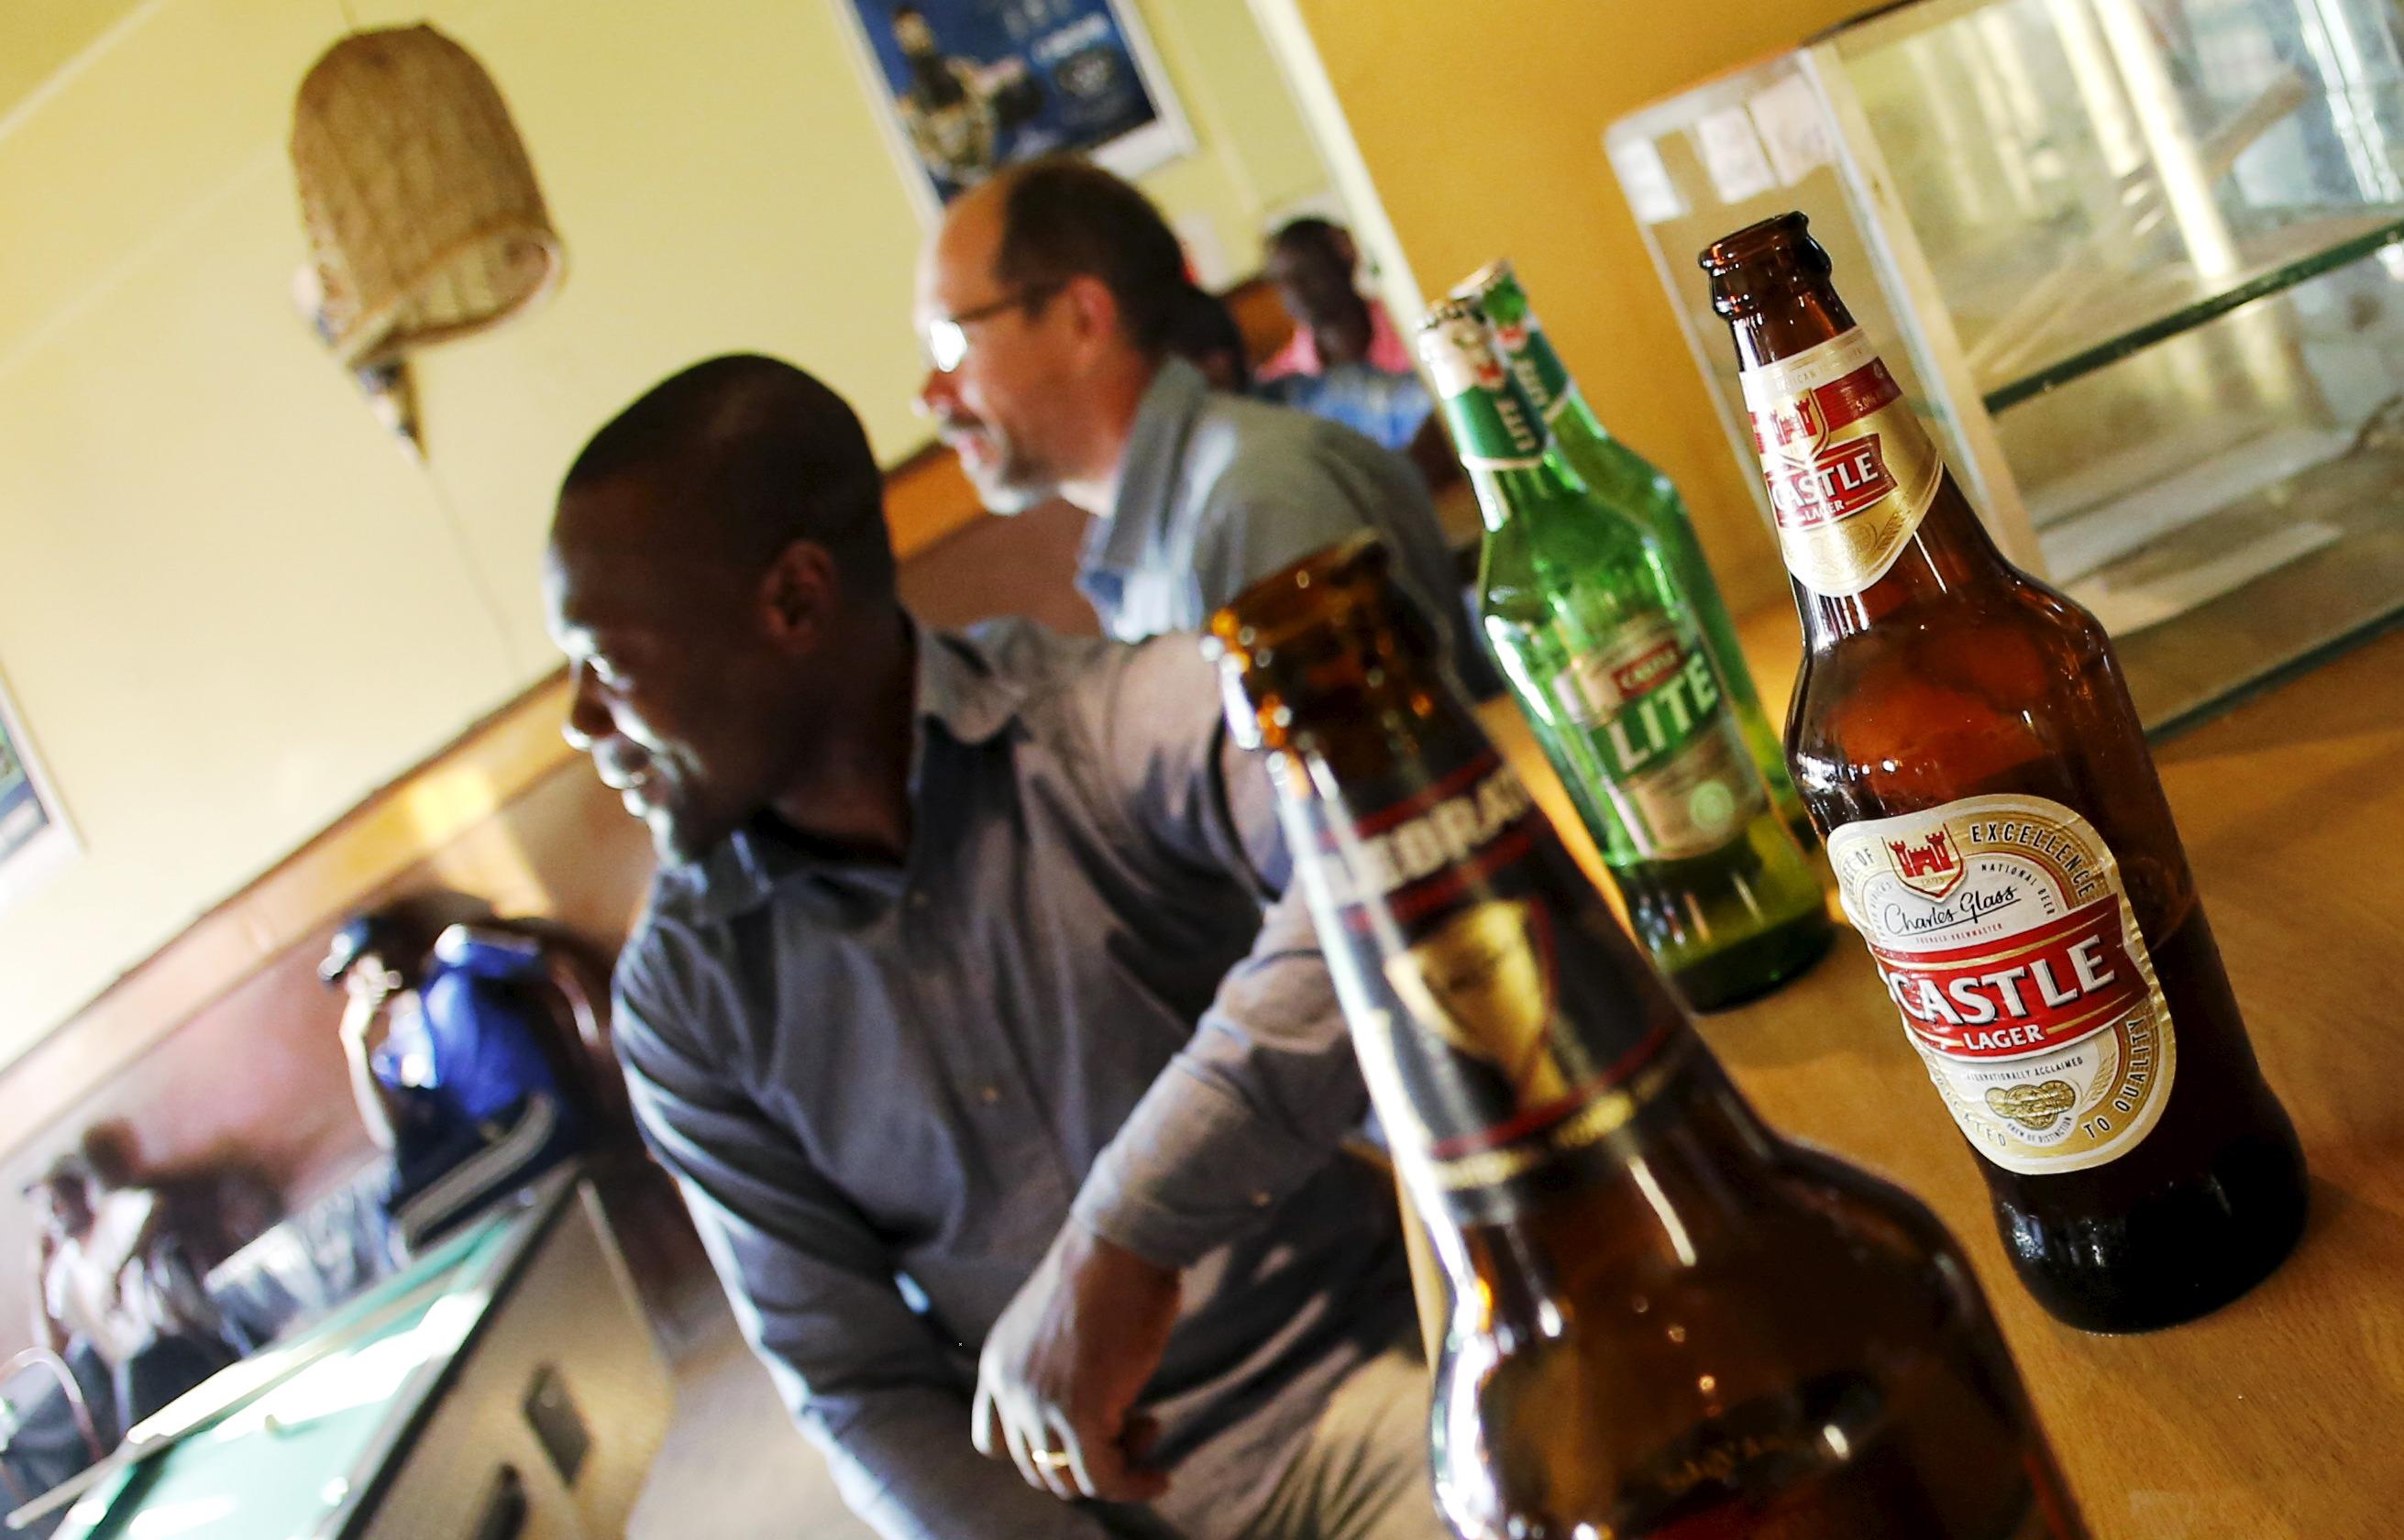 Американская пивная компания ищет сотрудника на «работу мечты»